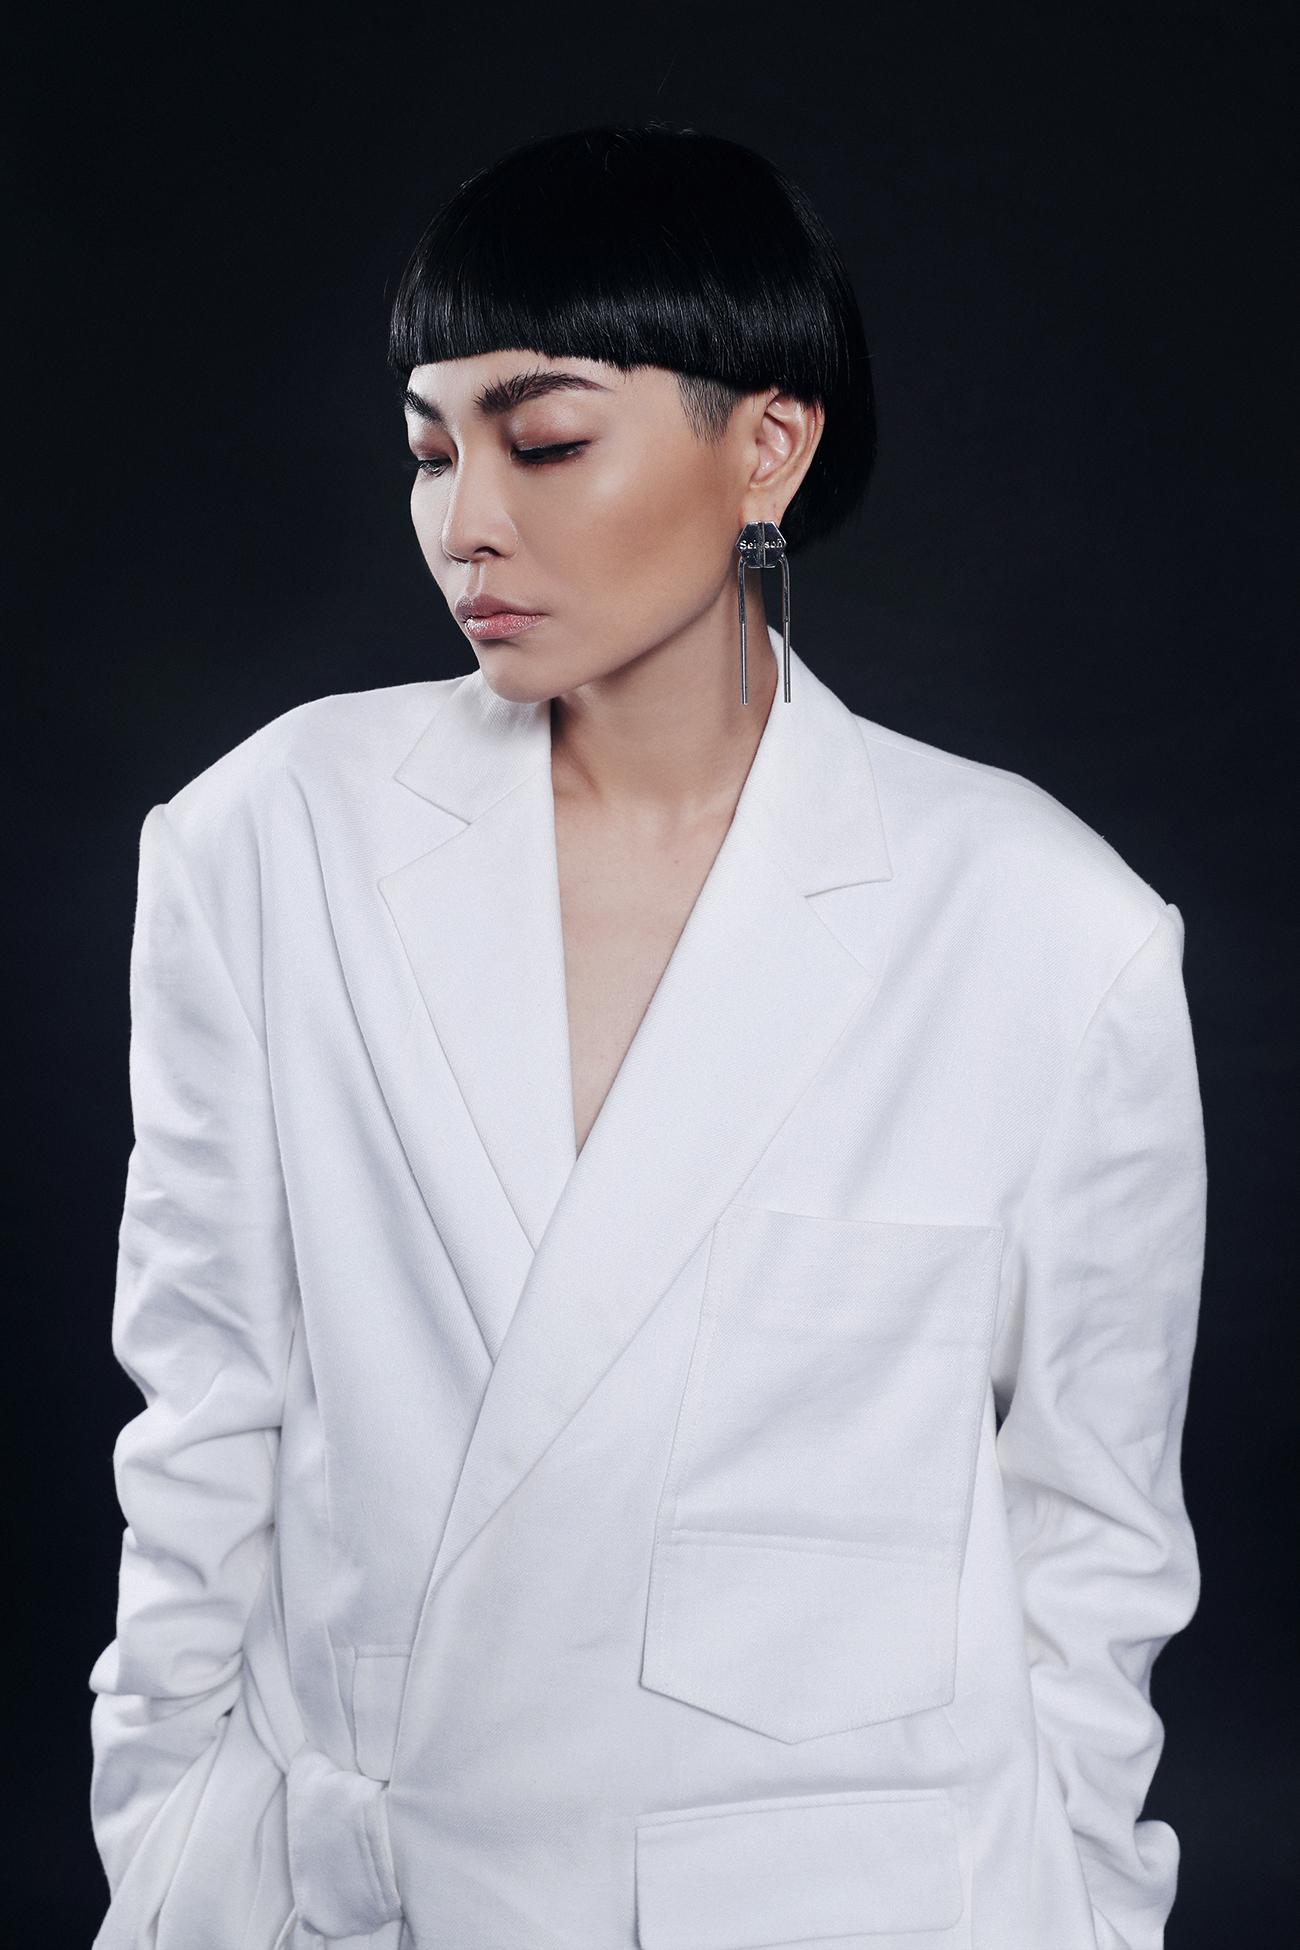 時尚達人周筱筑Judy Chou為你演繹多層次白混搭風的Party Look!